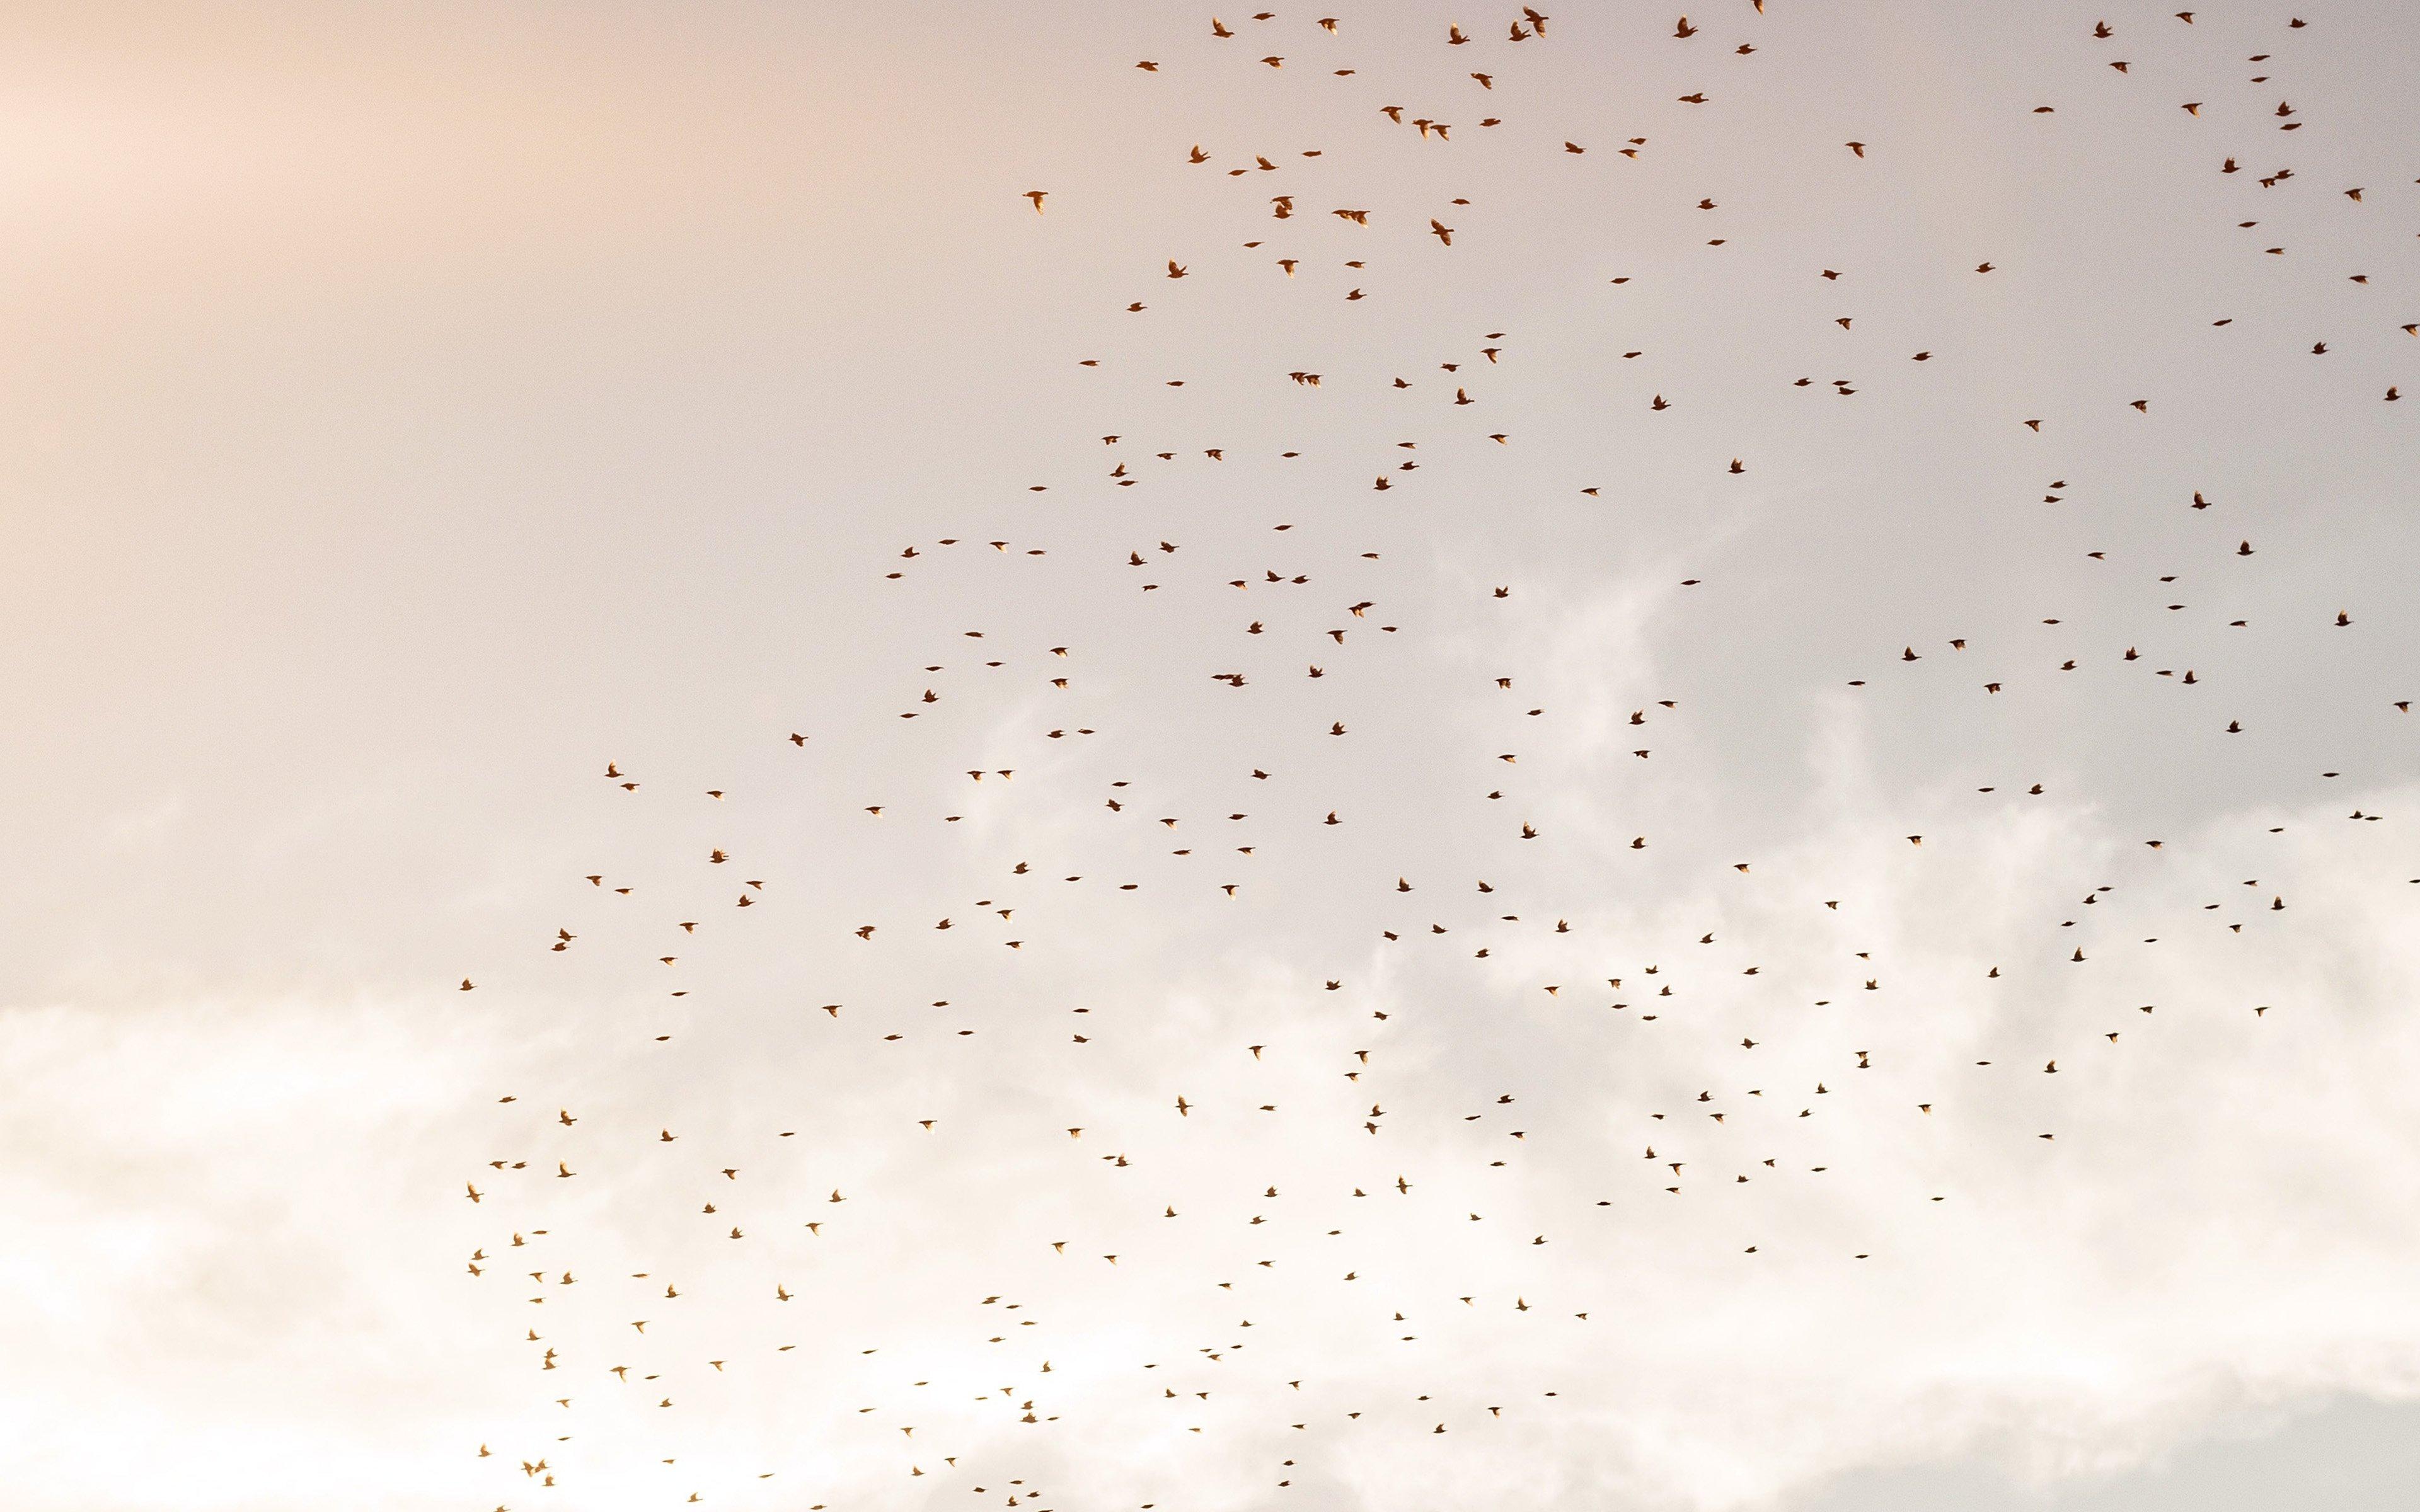 Fondos de pantalla Vuelo de pájaros en el cielo